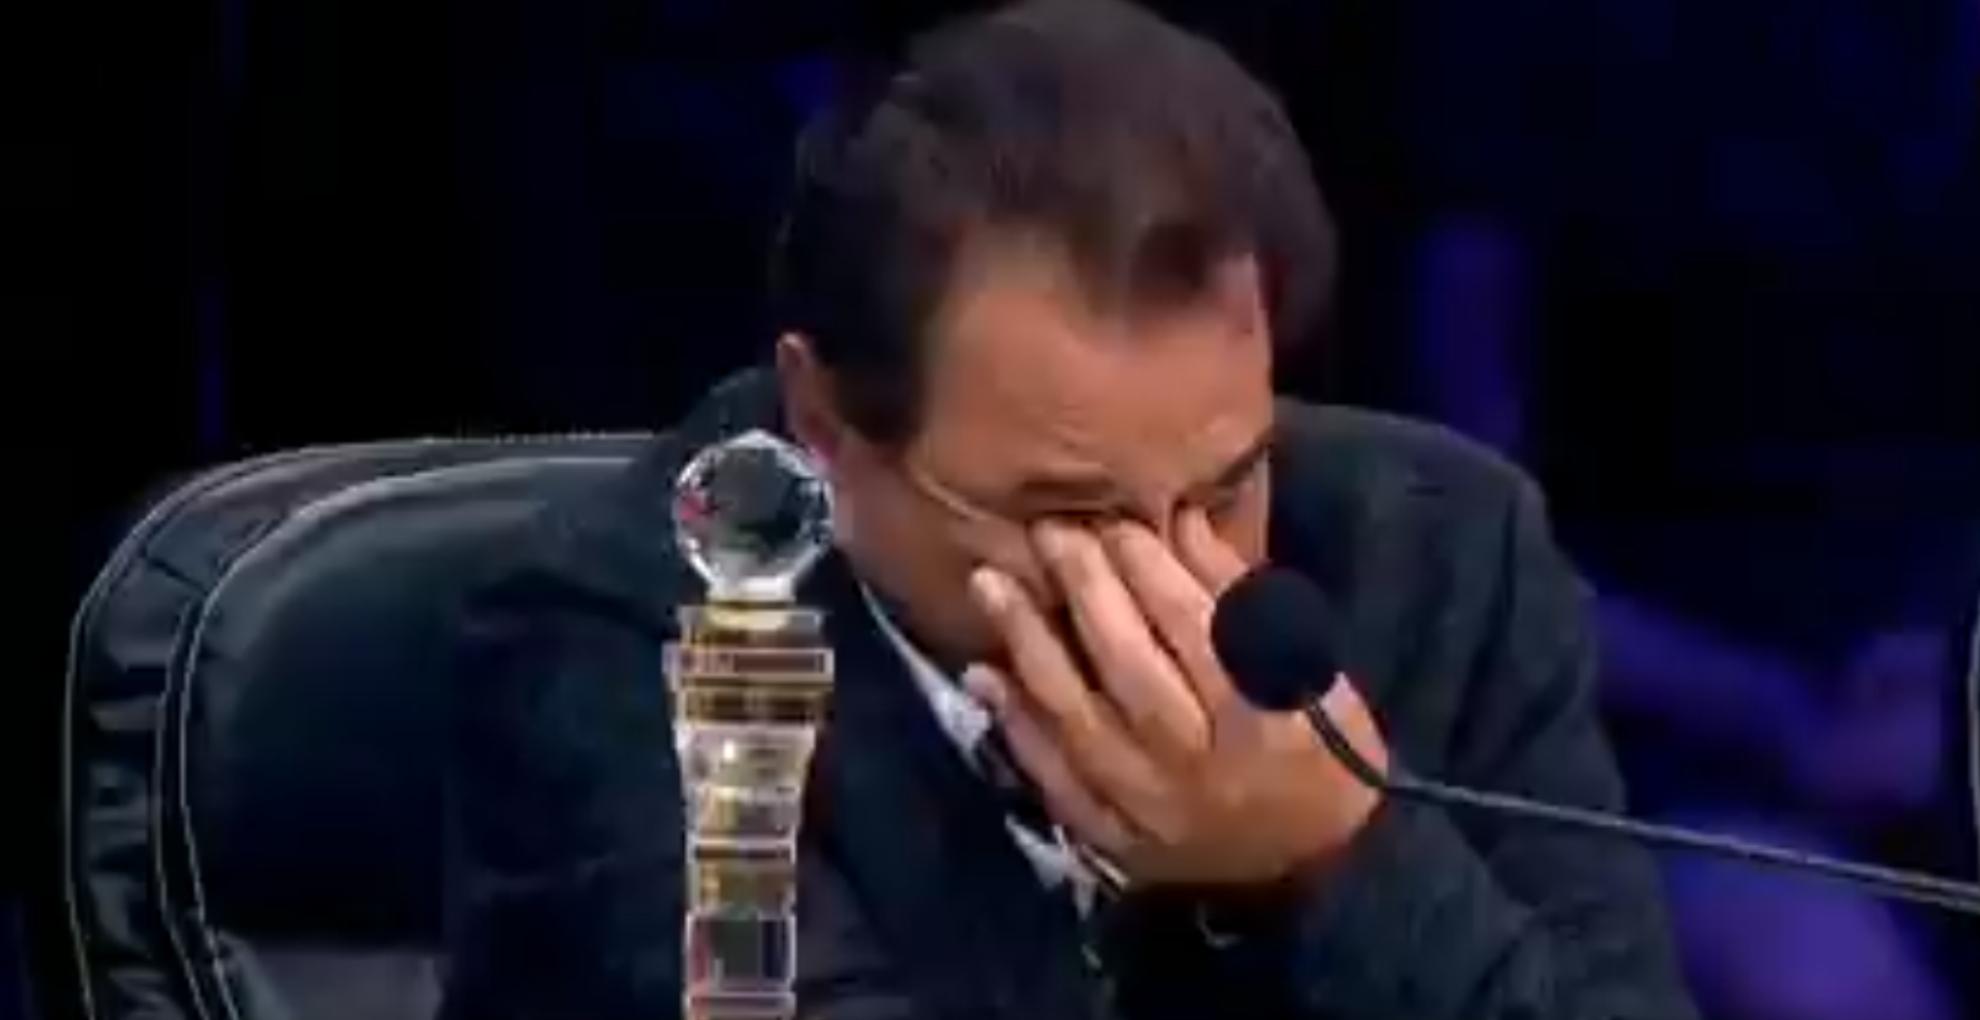 सुपरस्टार सिंगर शो में अपना वीडियो देख रो पड़े धर्मेंद्र, कहा- मैं बेहद जज्बाती इंसान हूं, देखिए प्रोमो